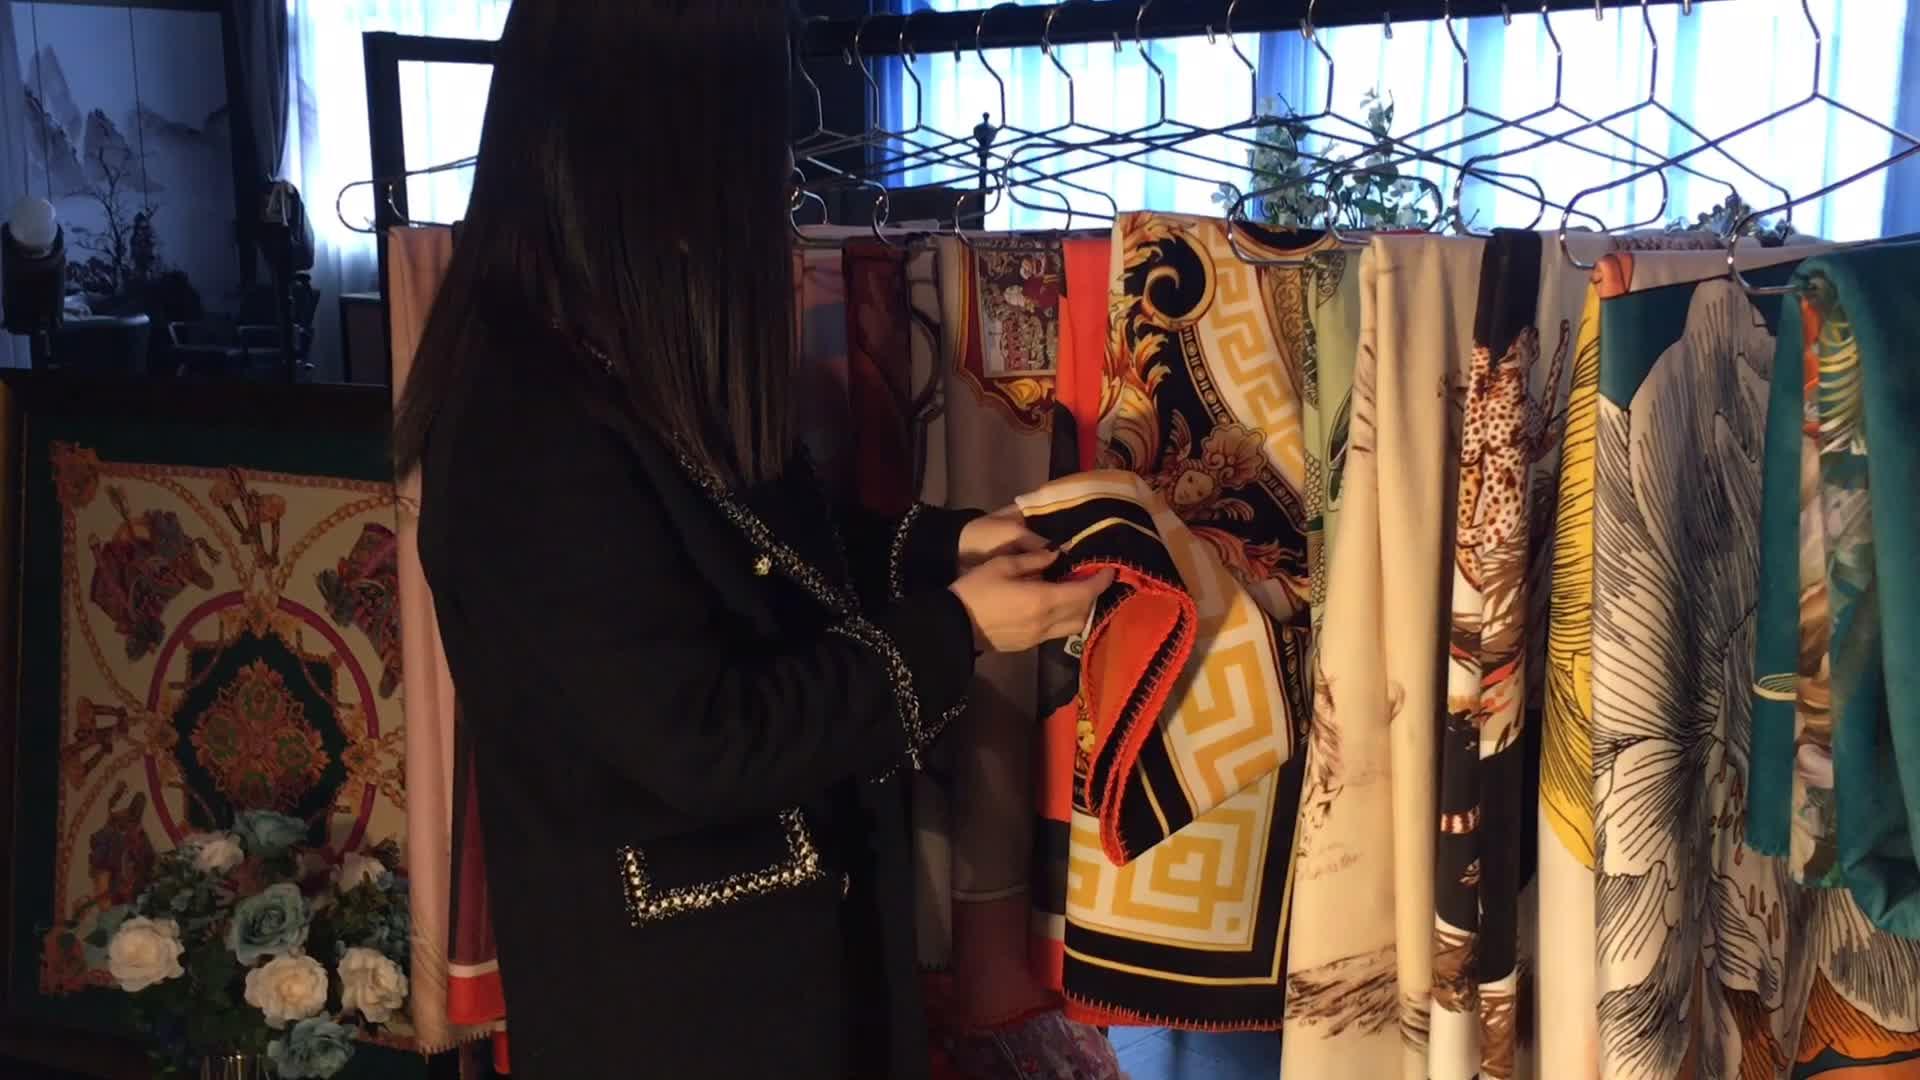 ヨーロッパファッションスタイルホーム装飾のためのスローブランケットソファチェアオフィスチェアクッション